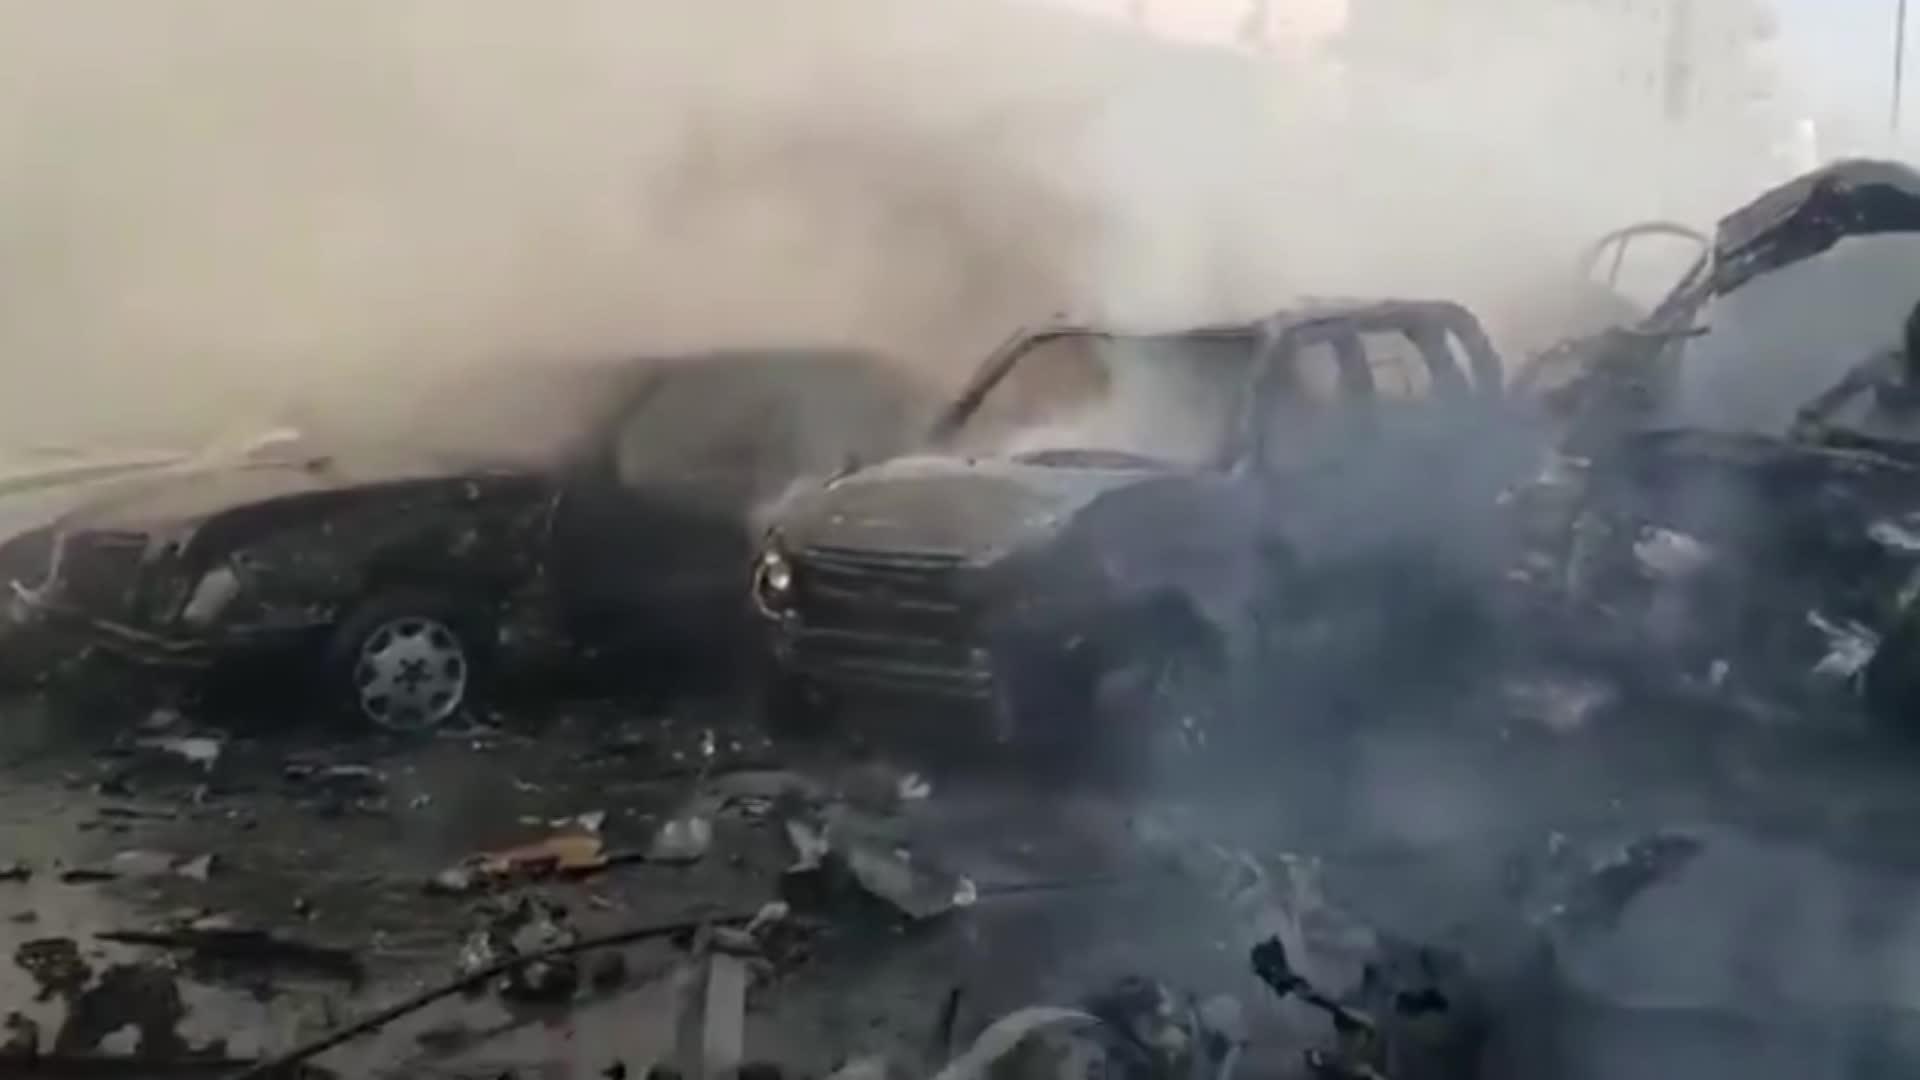 صورة لآثار هجوم بسيارة مفخخة في مدينة الباب شمال سوريا